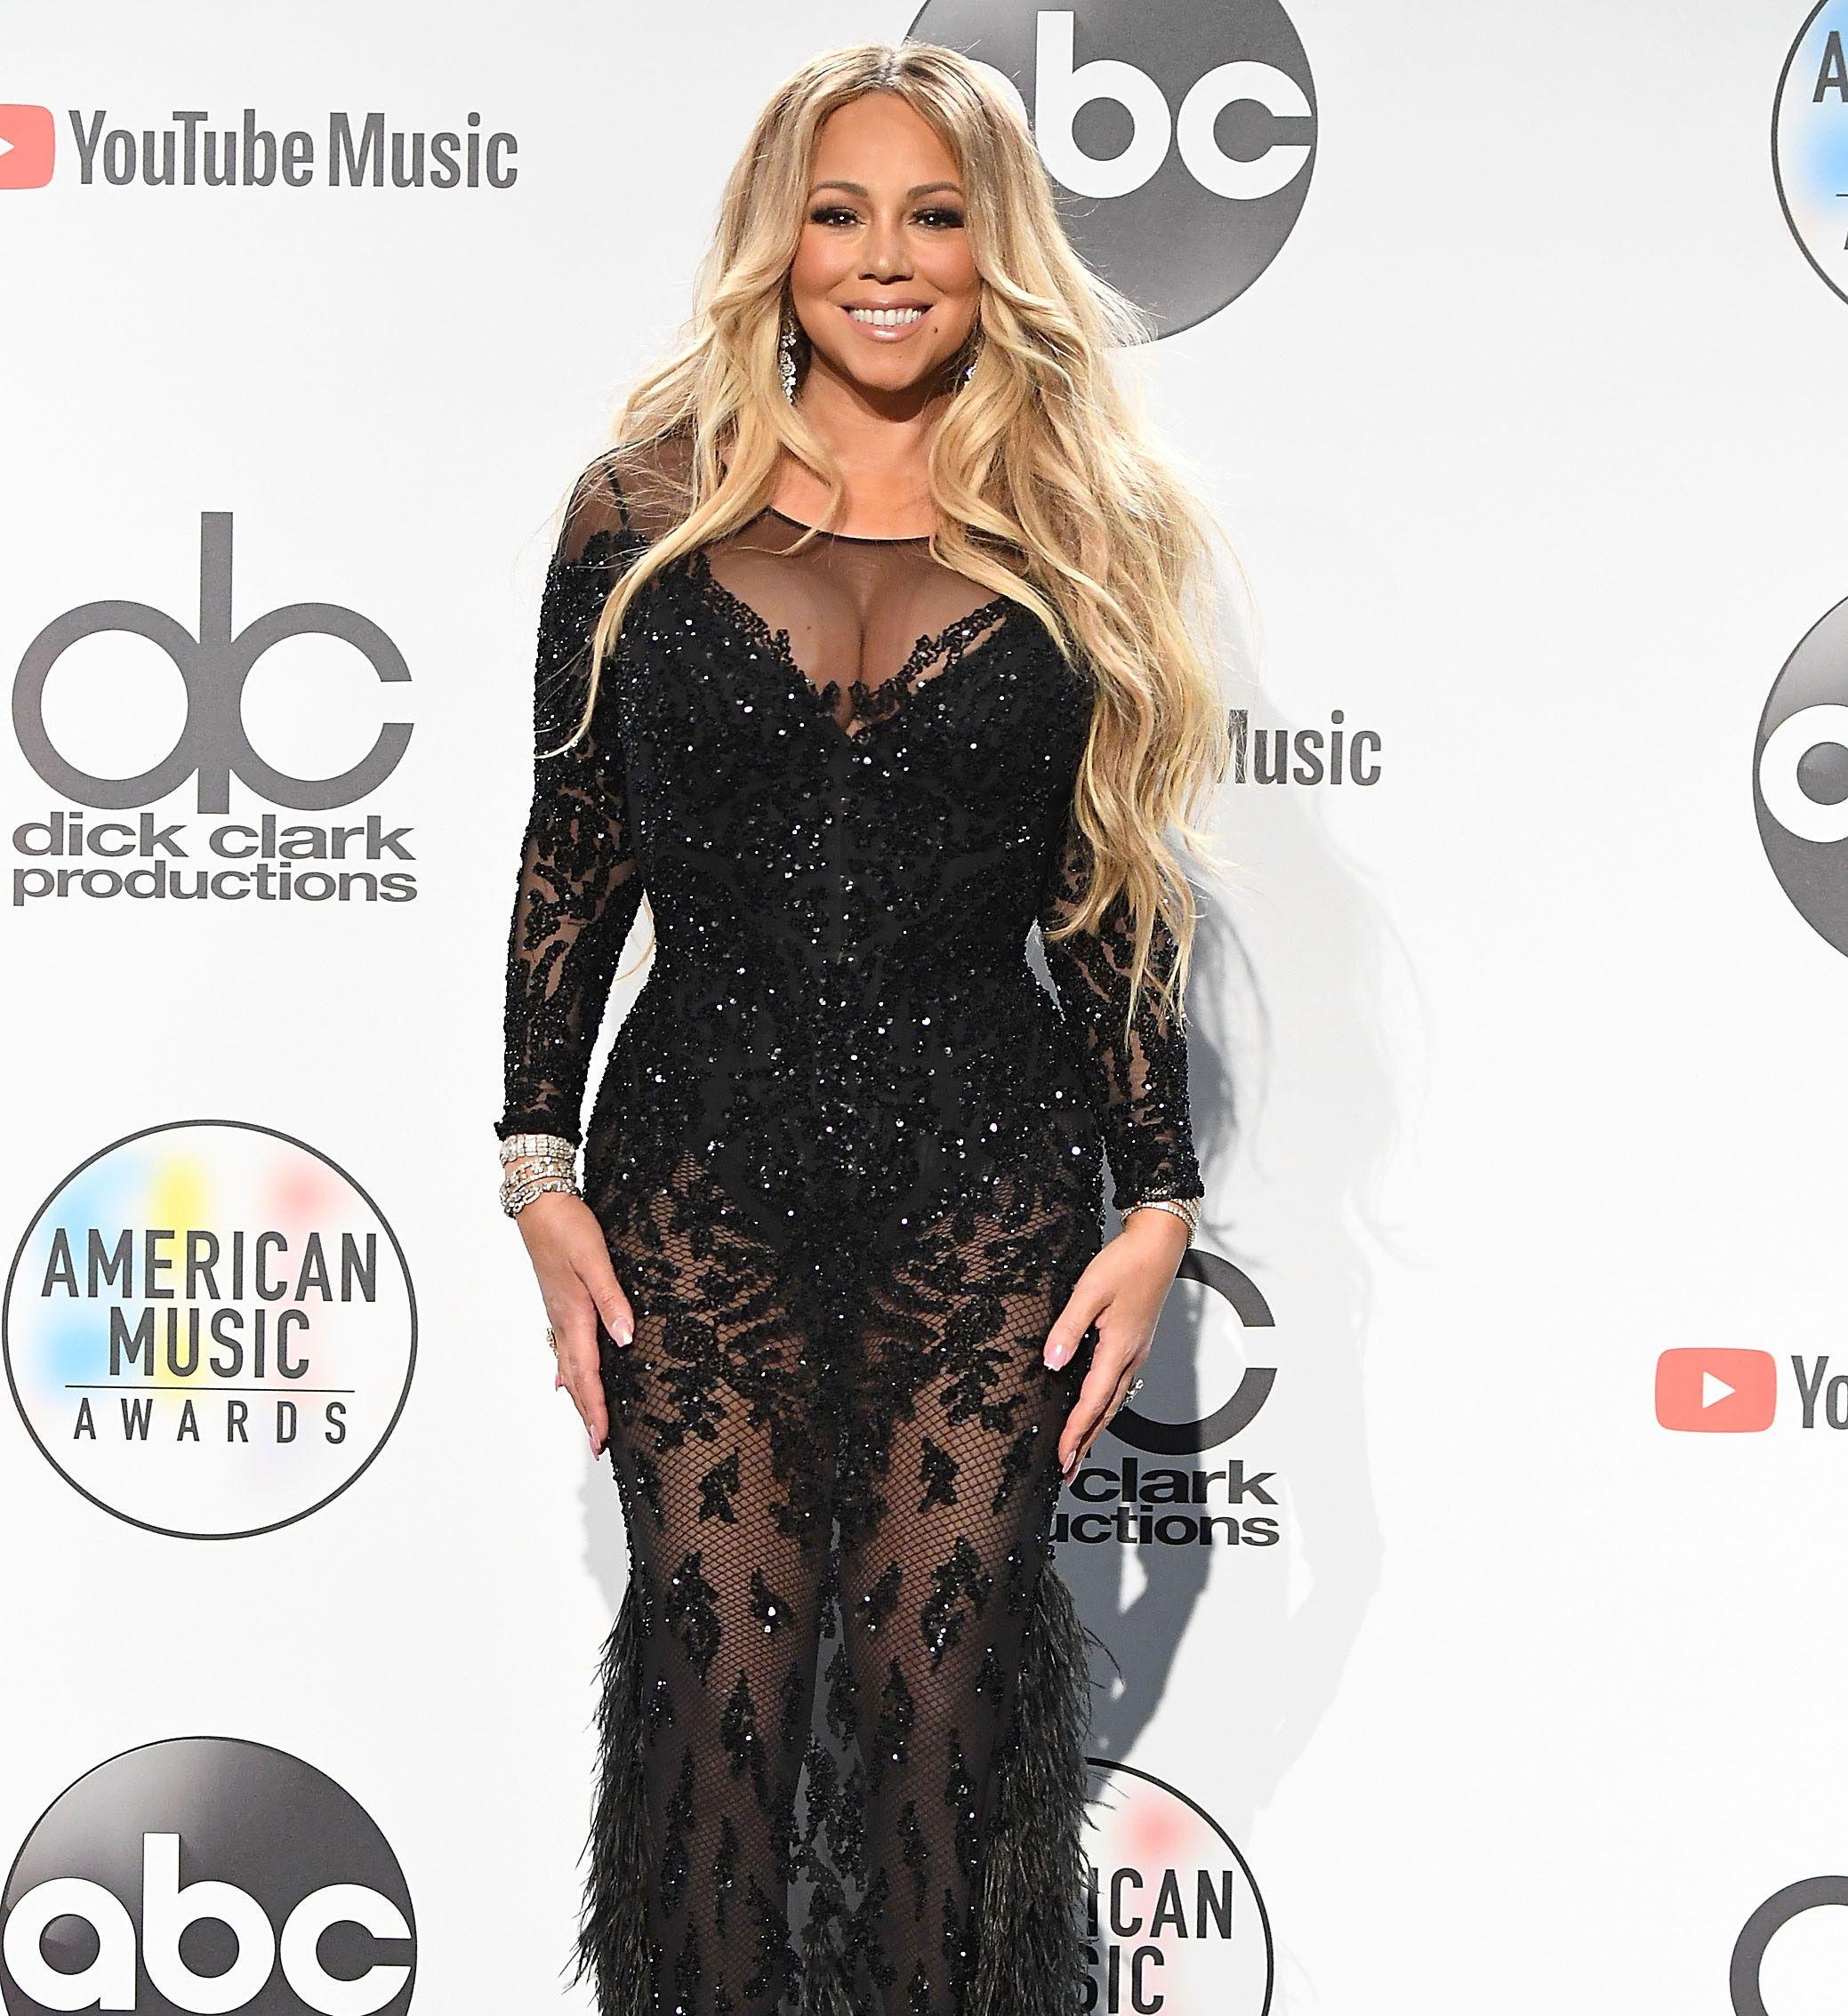 Mariah Carey Wow Sie Zeigt Sich Mega Schlank Strapless Dress